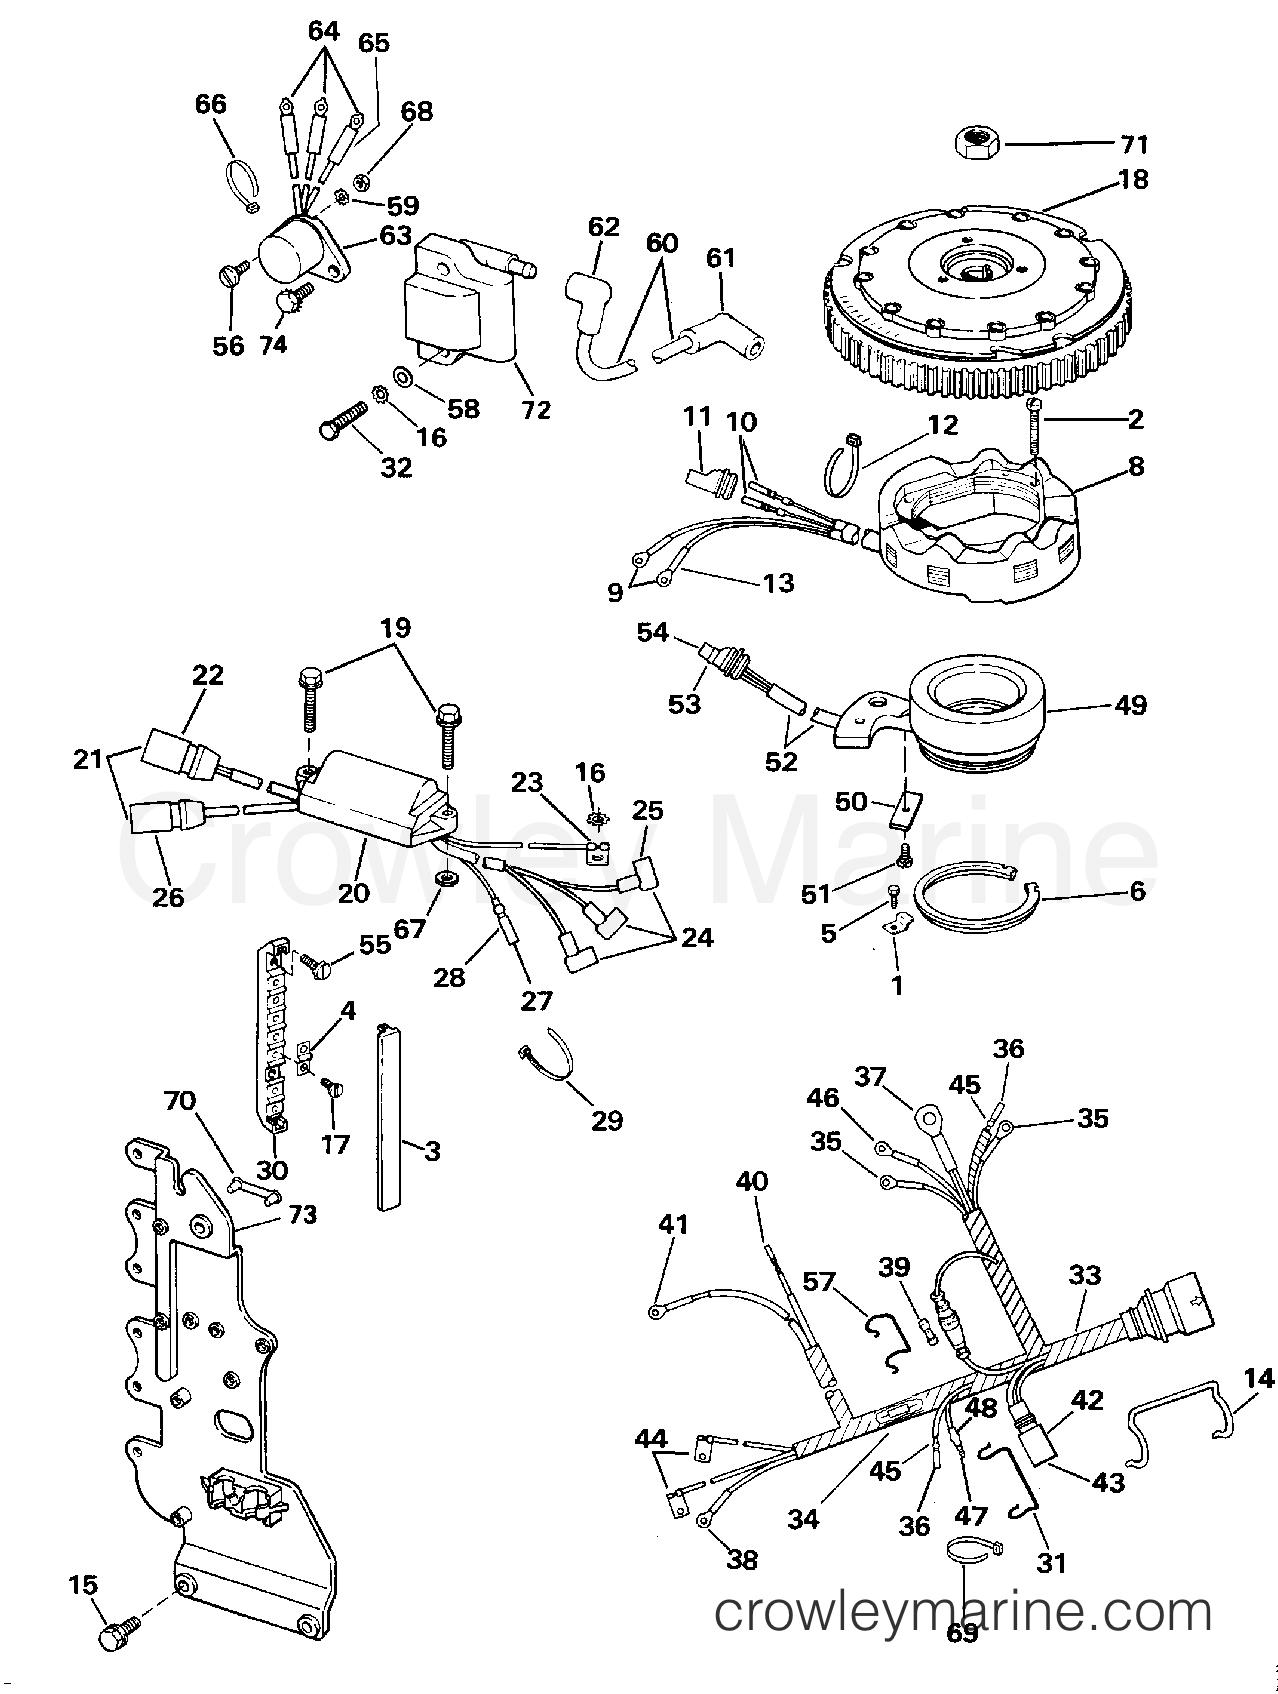 ignition system 60el - 60tl